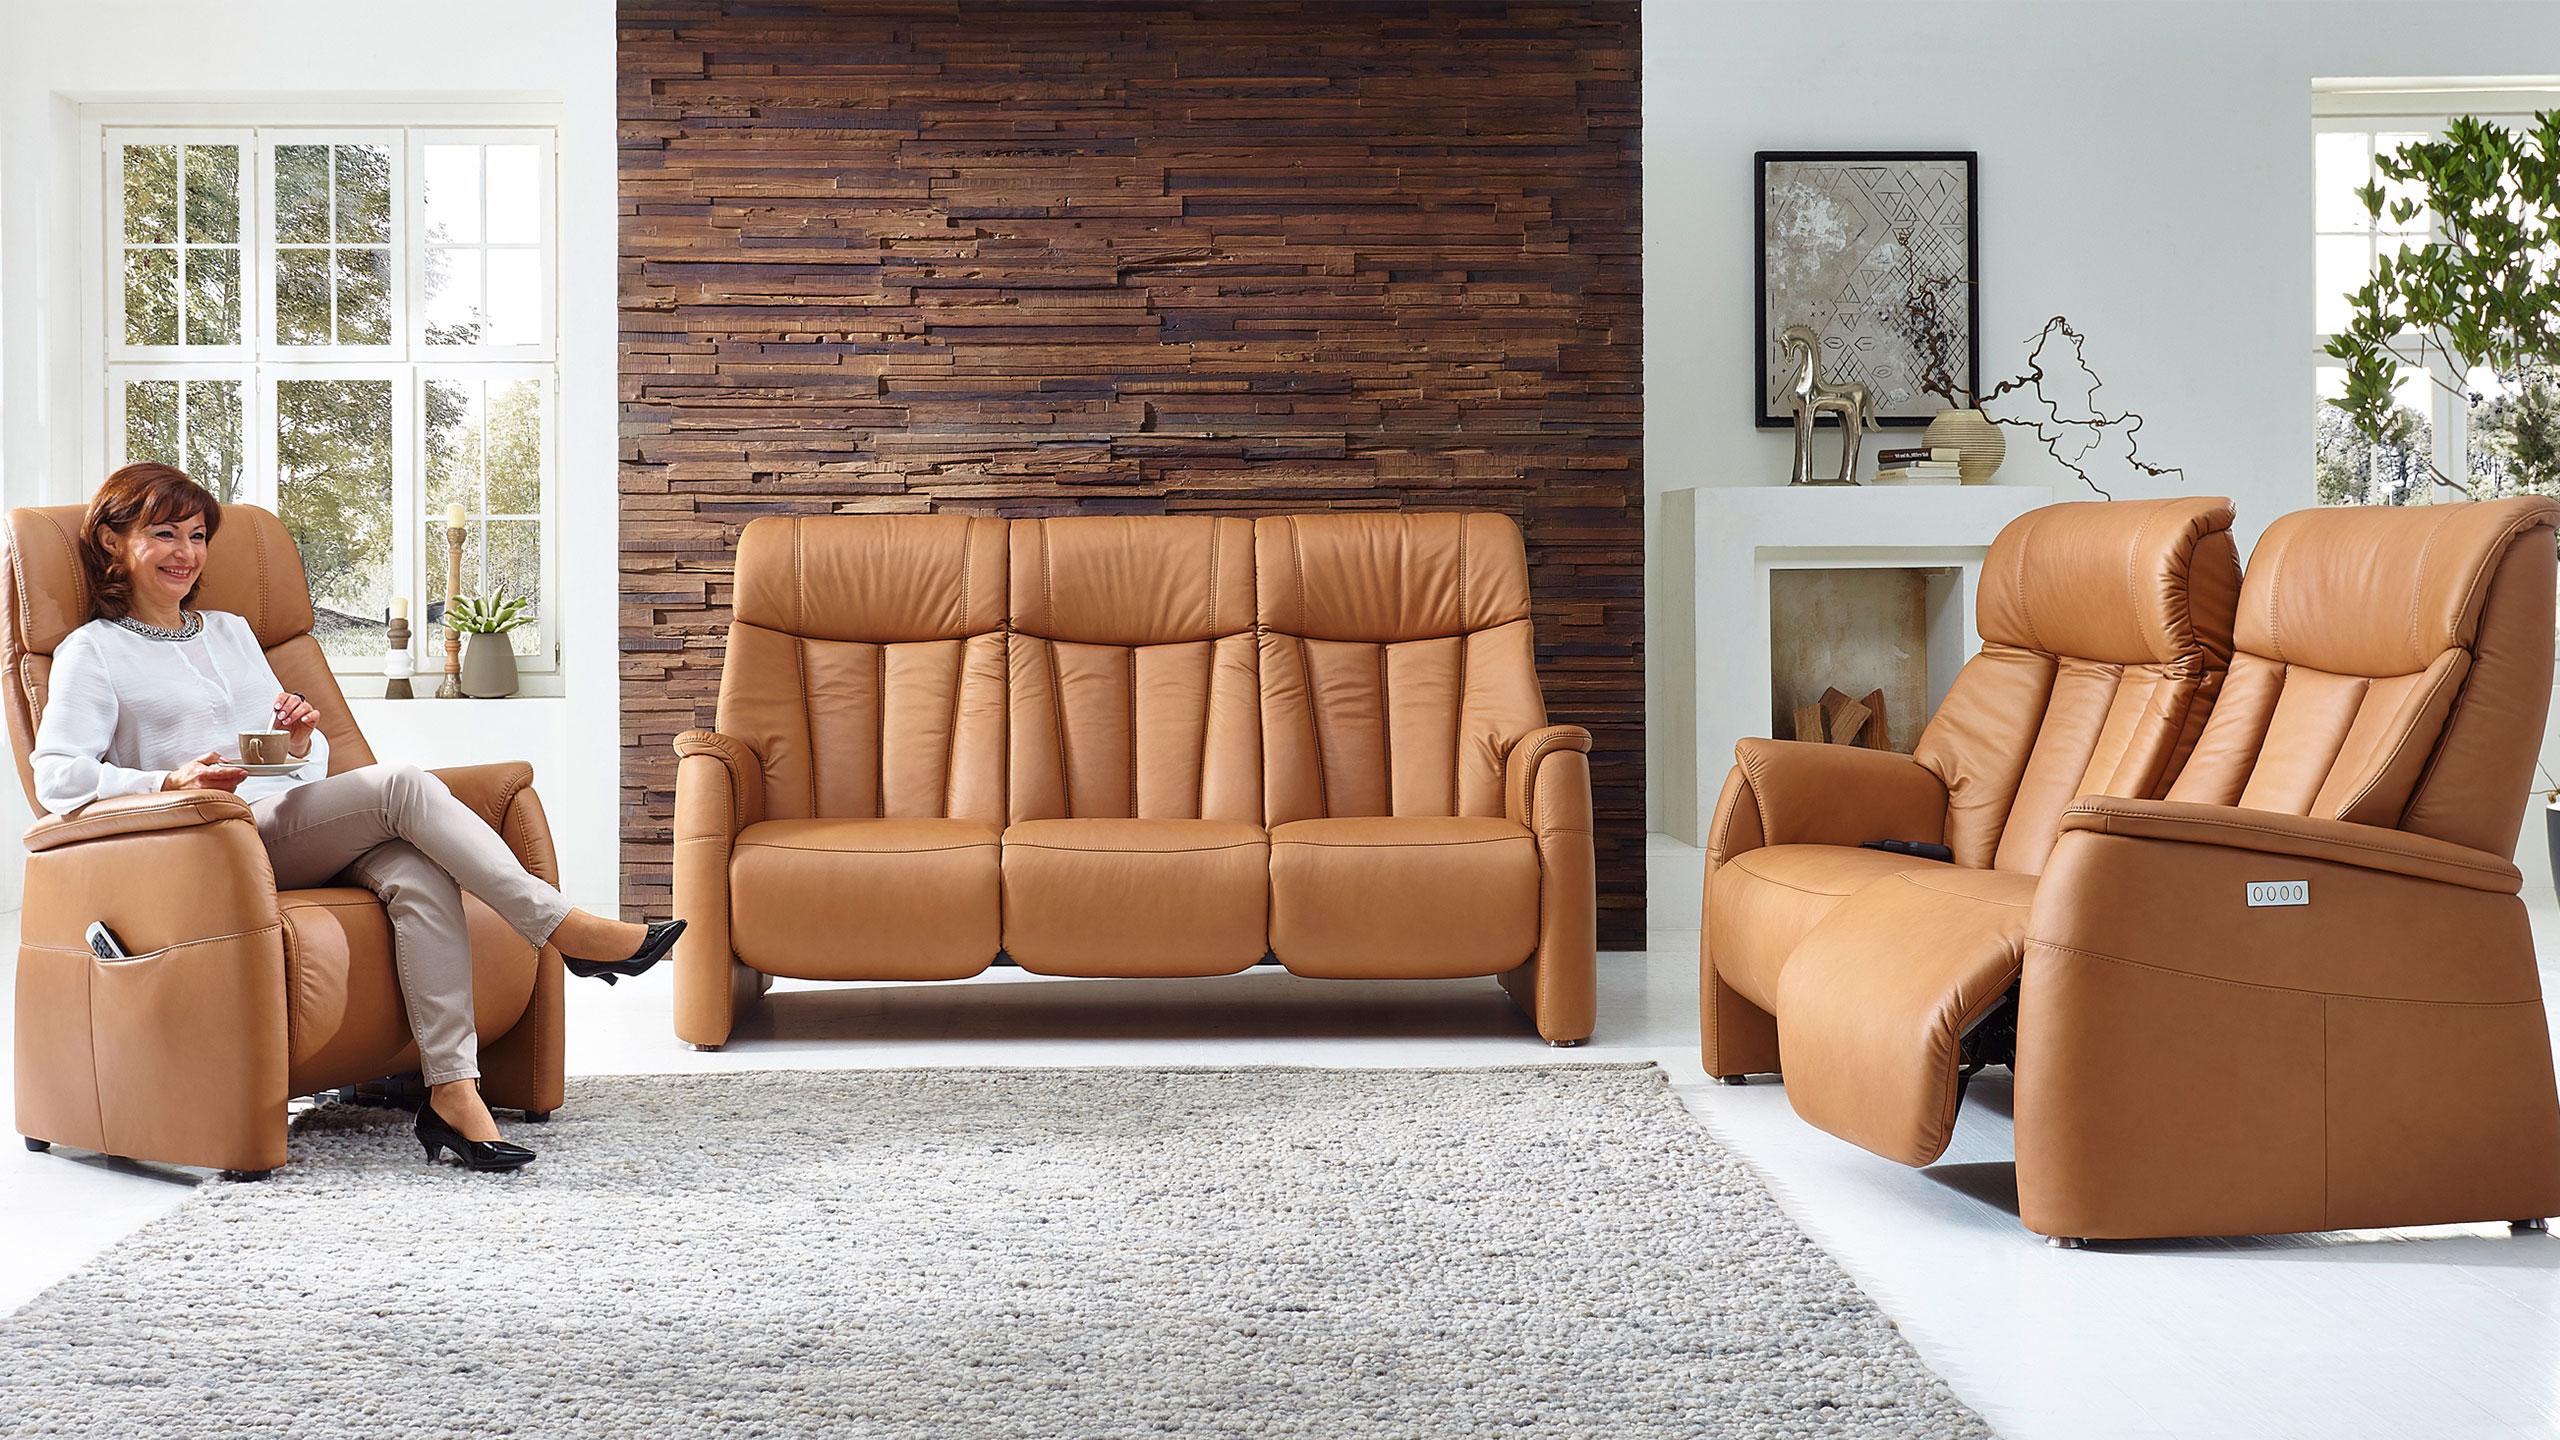 Triton Sofa Garnitur Leder Braun